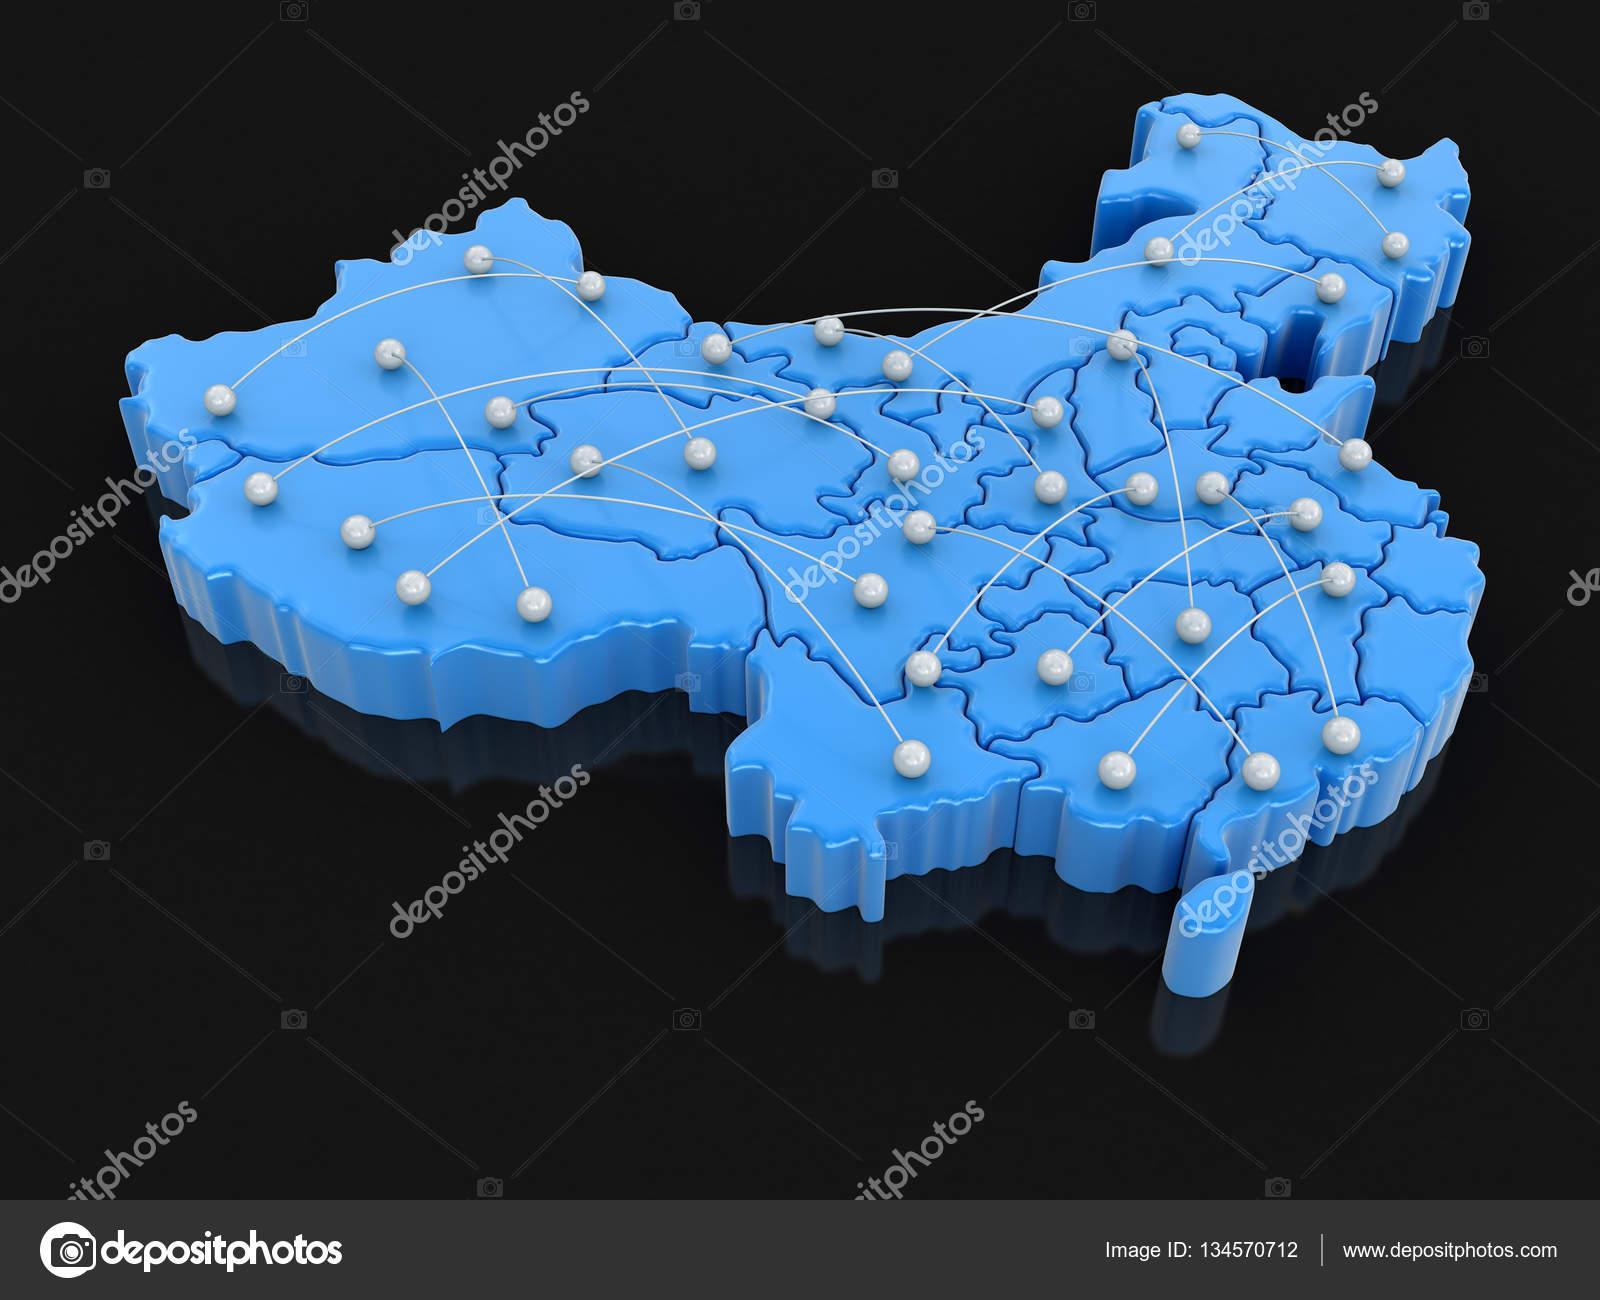 Flugrouten Karte.Karte Von China Mit Flugrouten Bild Mit Beschneidungspfad